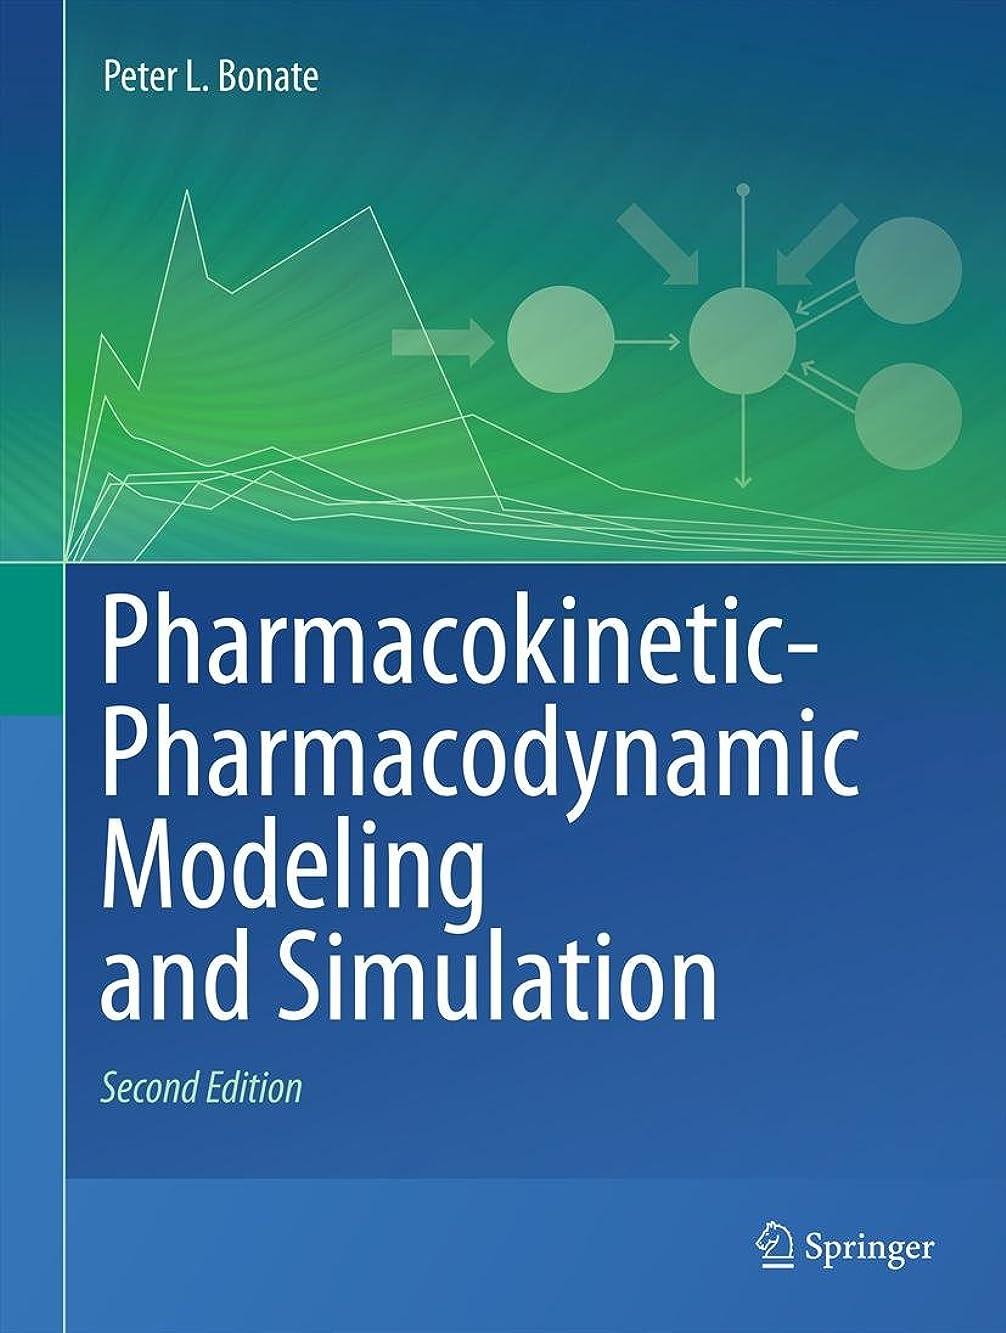 アメリカ純粋な北米Pharmacokinetic-Pharmacodynamic Modeling and Simulation (English Edition)